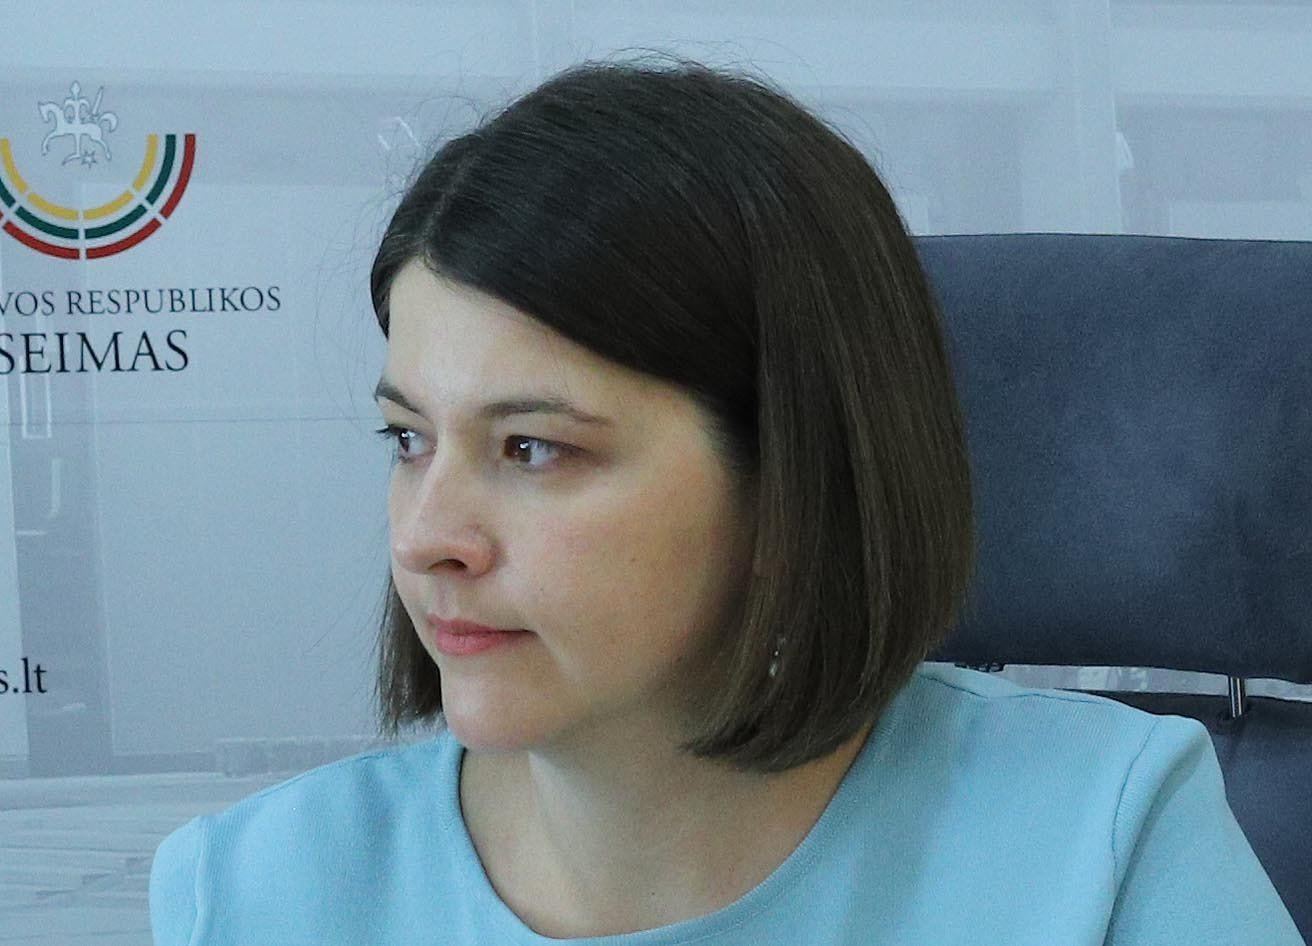 Prezidentūrai užkliuvo G. Skaistės reputacija: pasitikėjimas finansų ministru yra labai svarbus